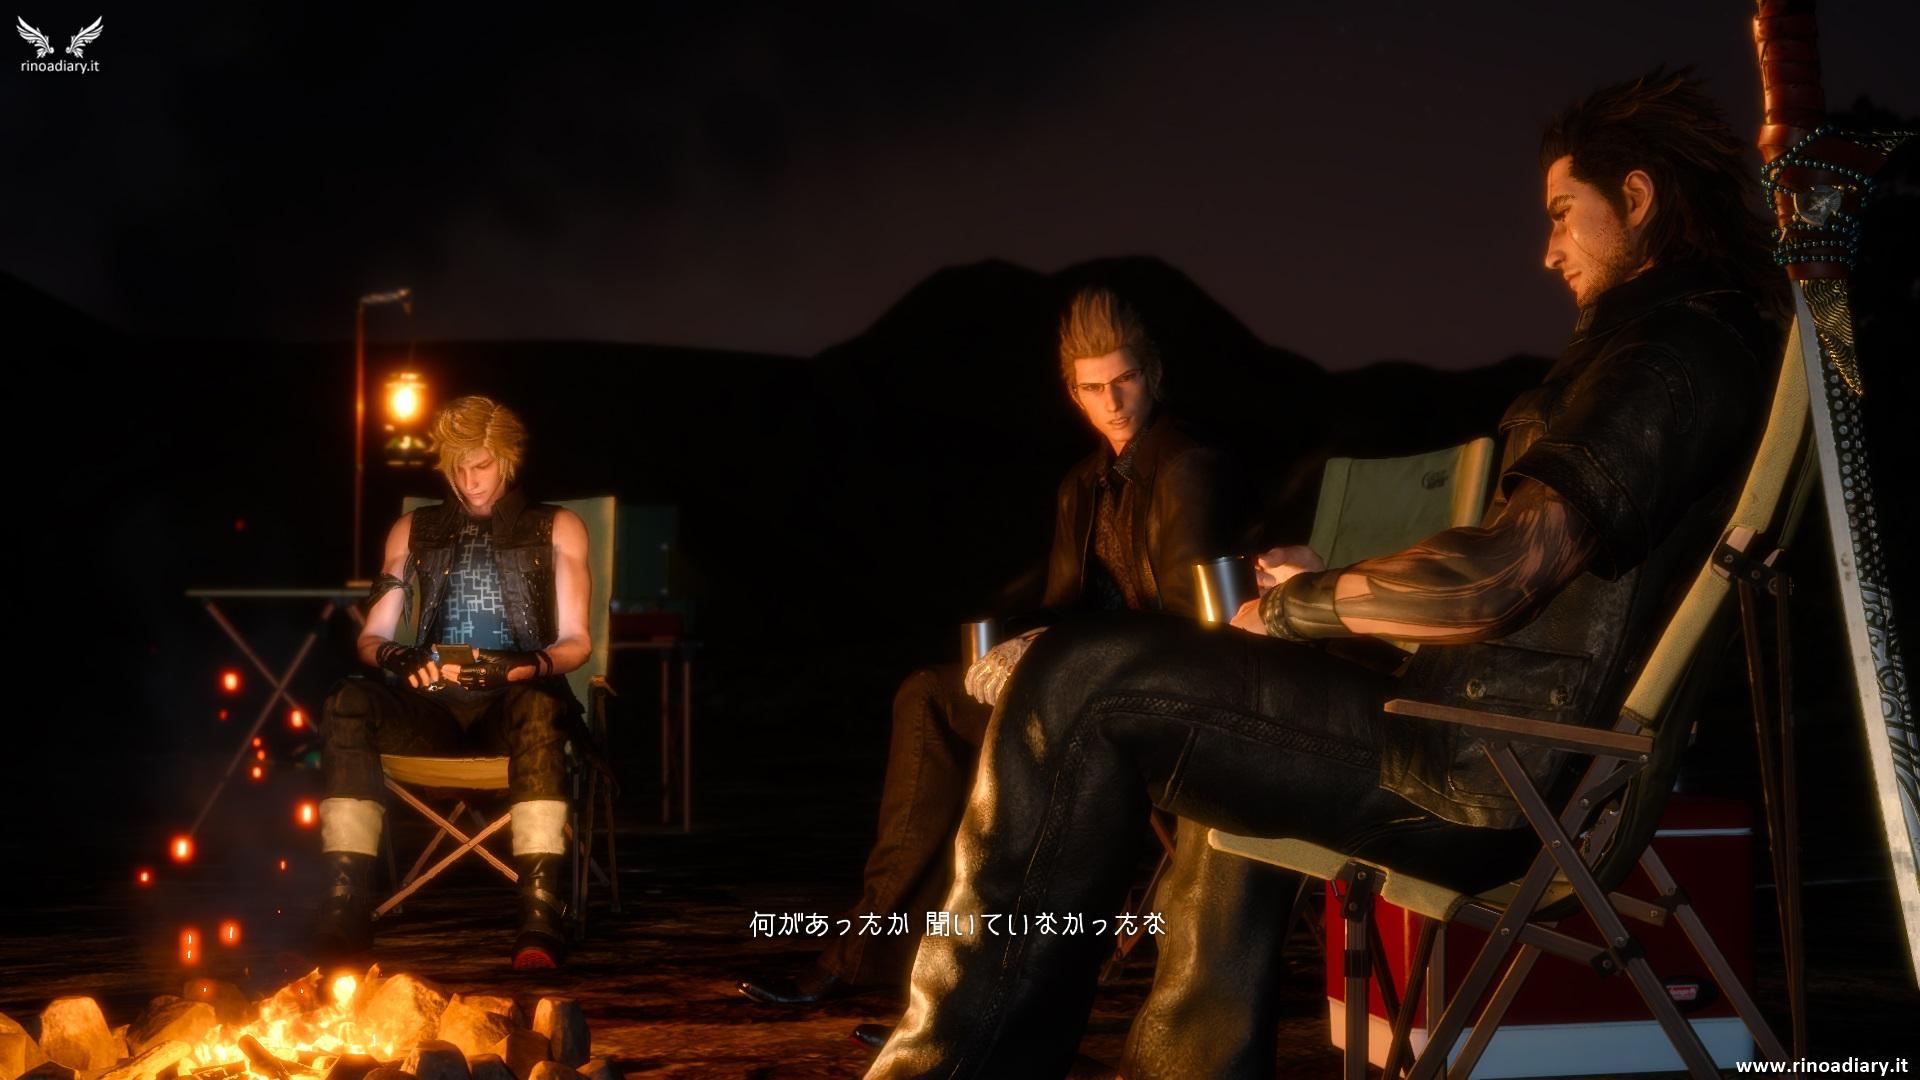 Livello 120, Cacce a tempo, Booster Pack, tutte le novità di Final Fantasy XV svelate oggi!